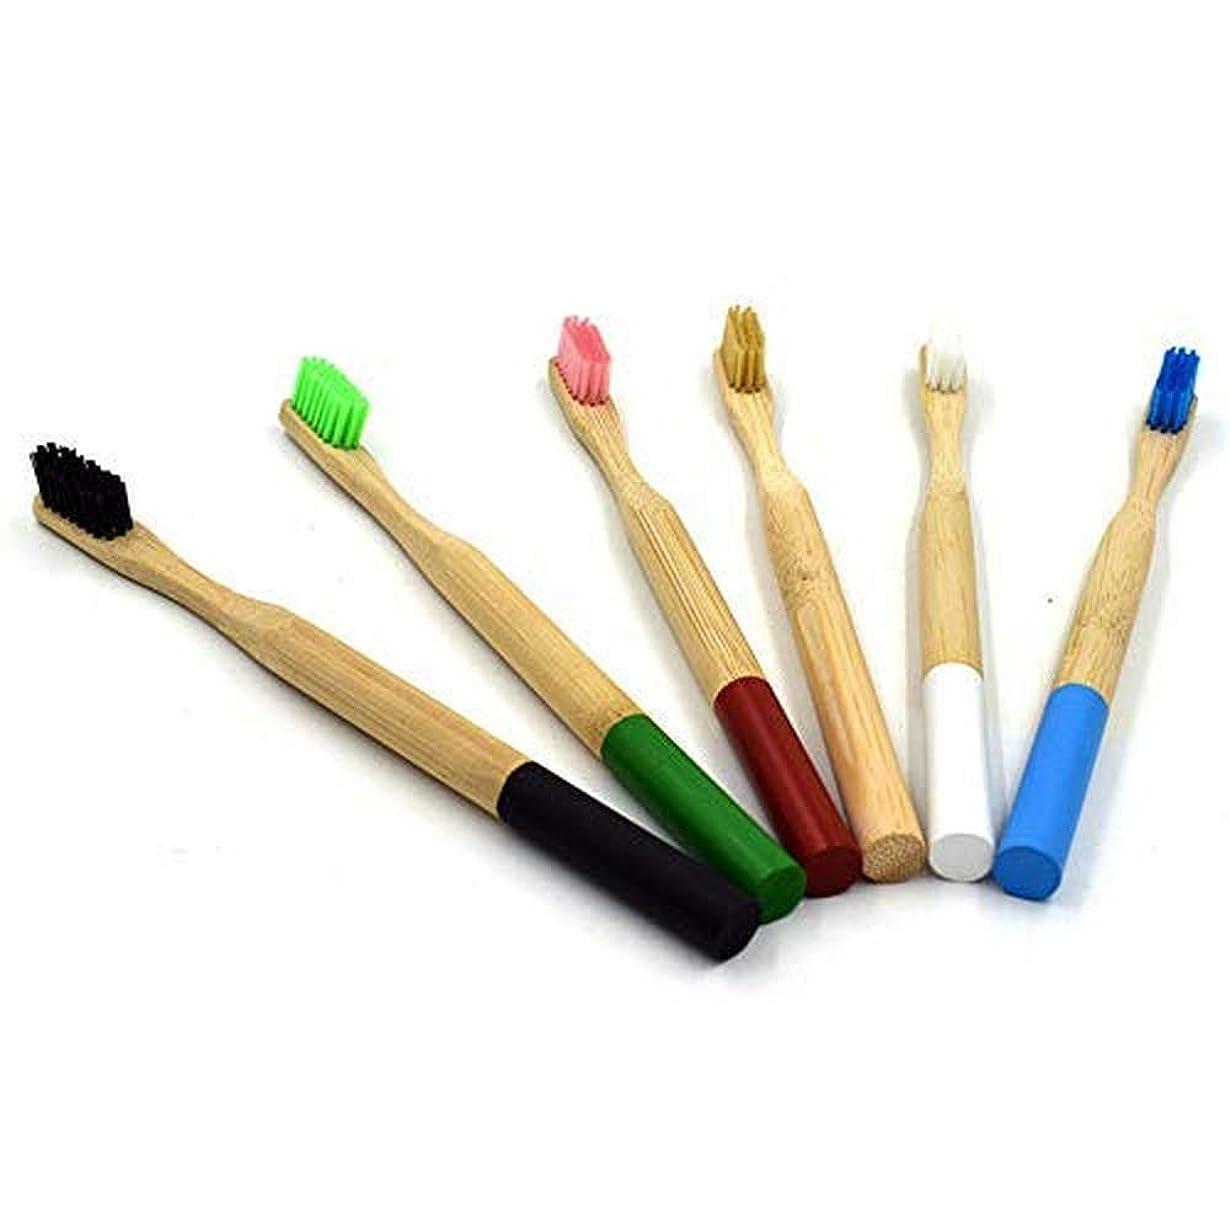 固める比喩高いTAOVK 6pcs 柔らかい毛の木製の歯のブラシ竹のハンドルの歯科口腔ケアの歯ブラシ